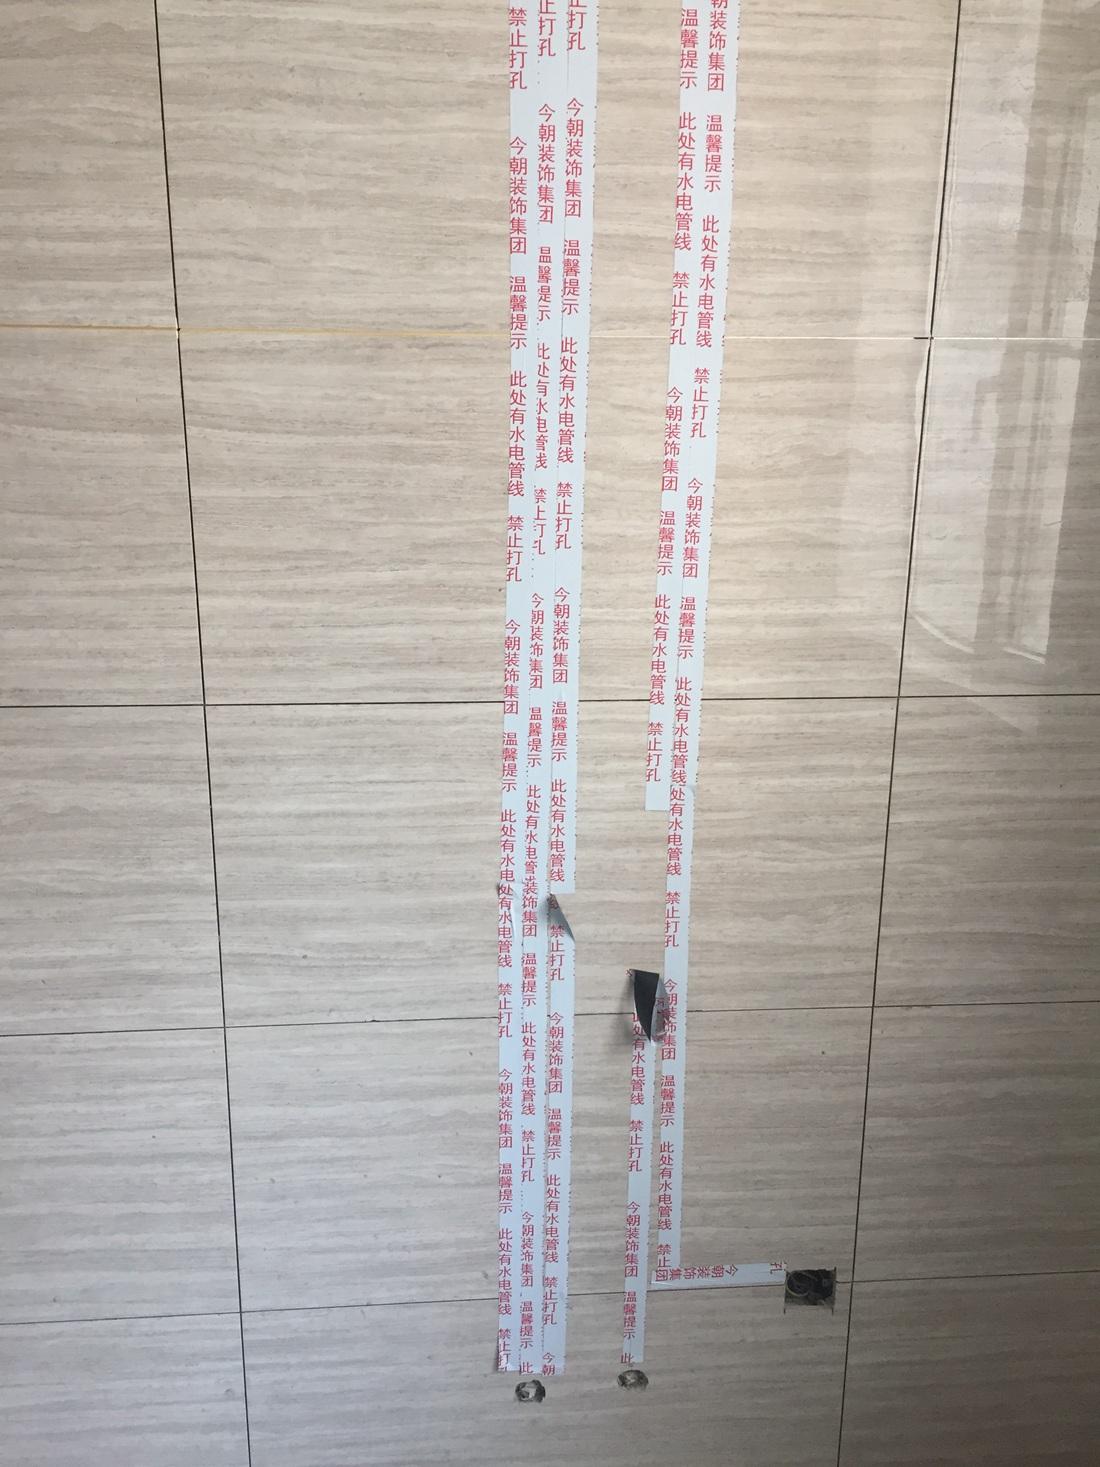 厨卫墙地面砖铺贴墙砖压地砖,厨卫墙地砖铺贴完成后张贴水电改造字贴。